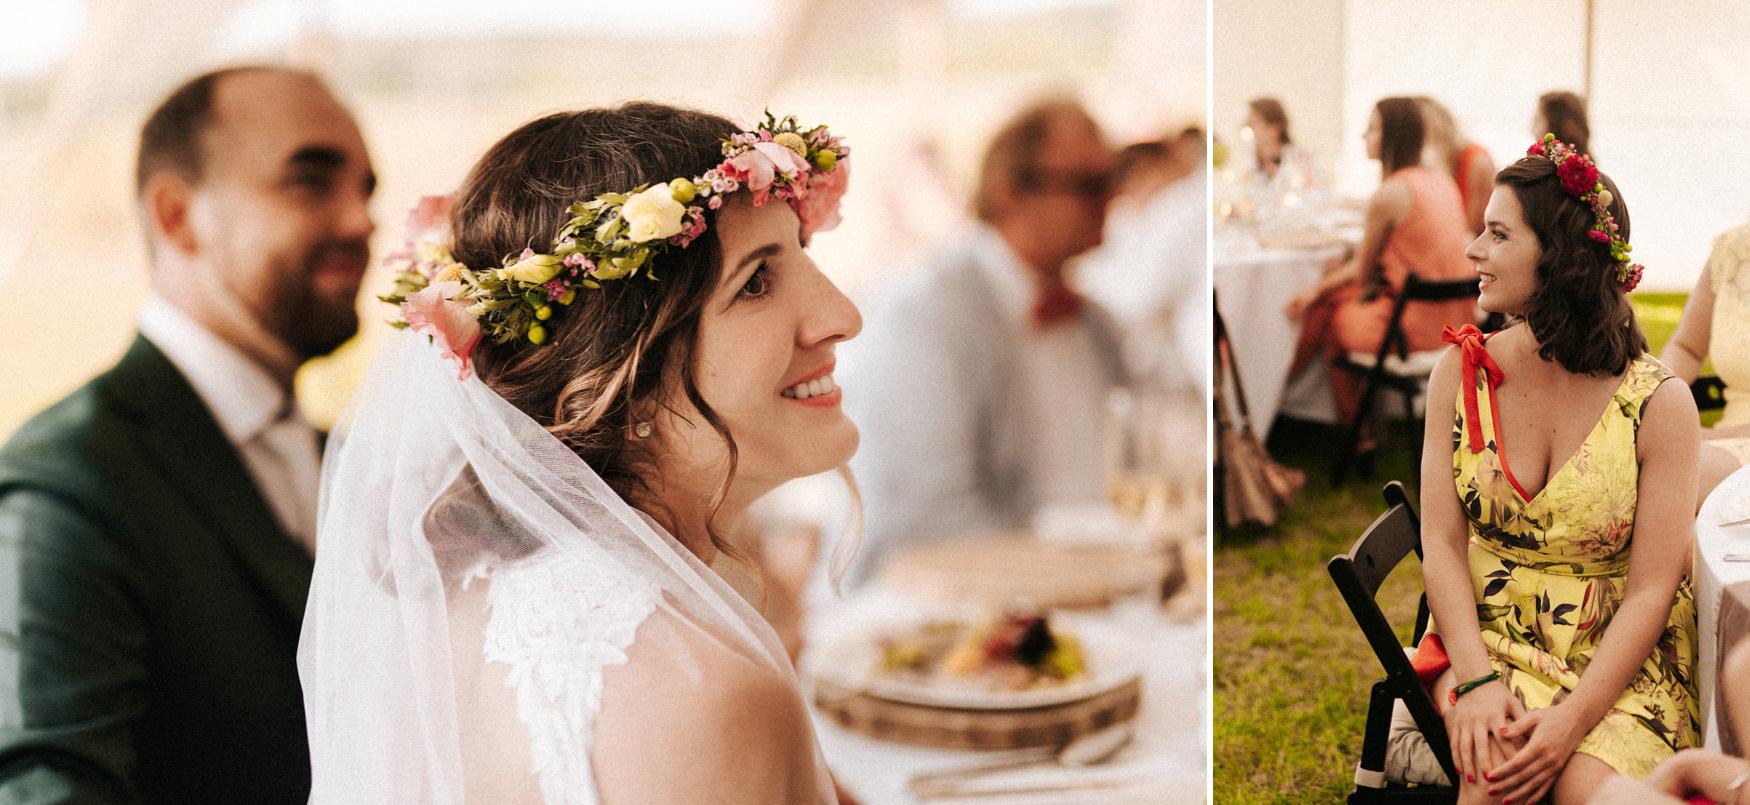 2 rustic summer outdoor wedding 013.jpg